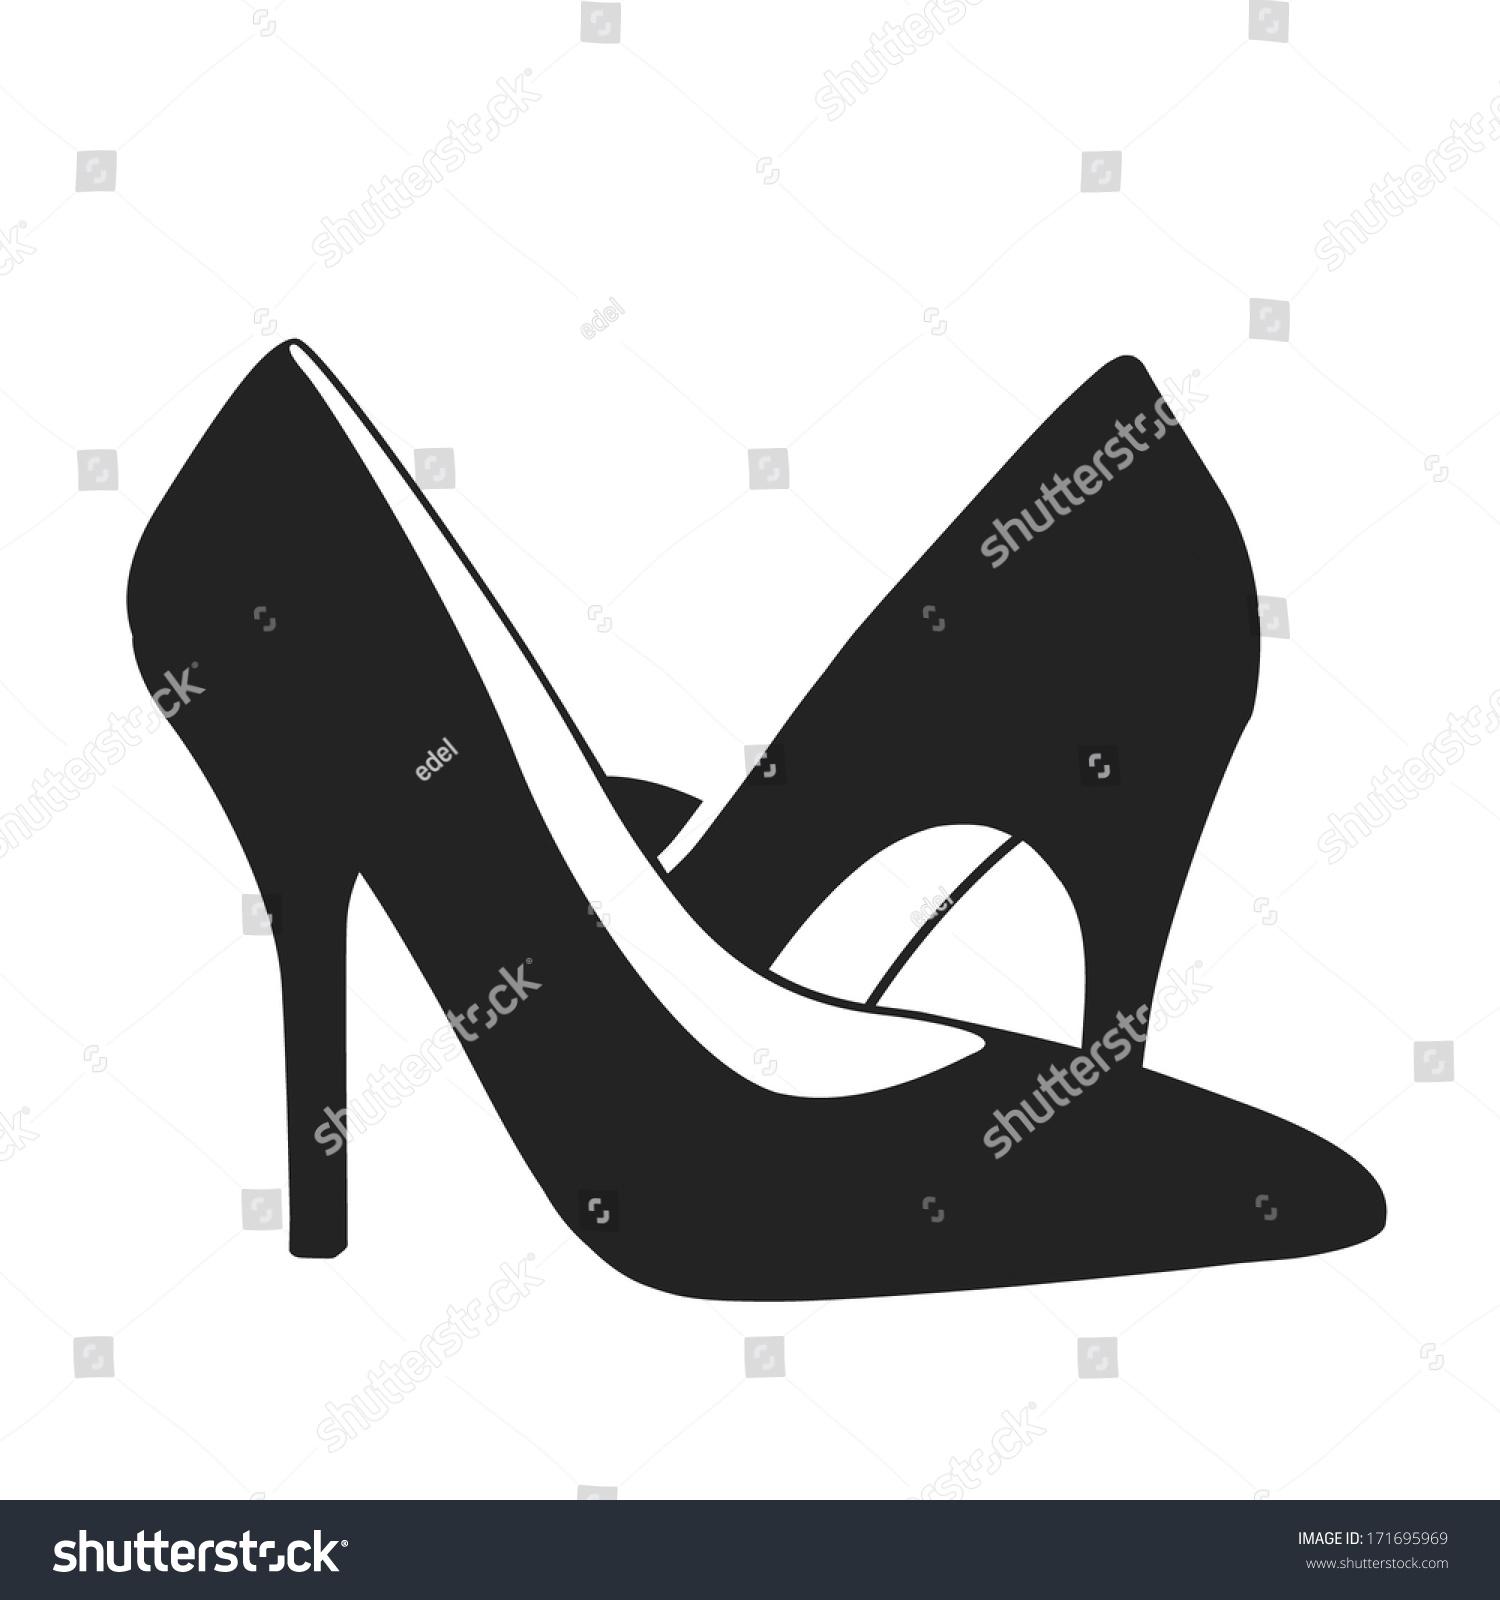 Schuhe mit hoher Ferse Silhouette schwarz weiß Stock